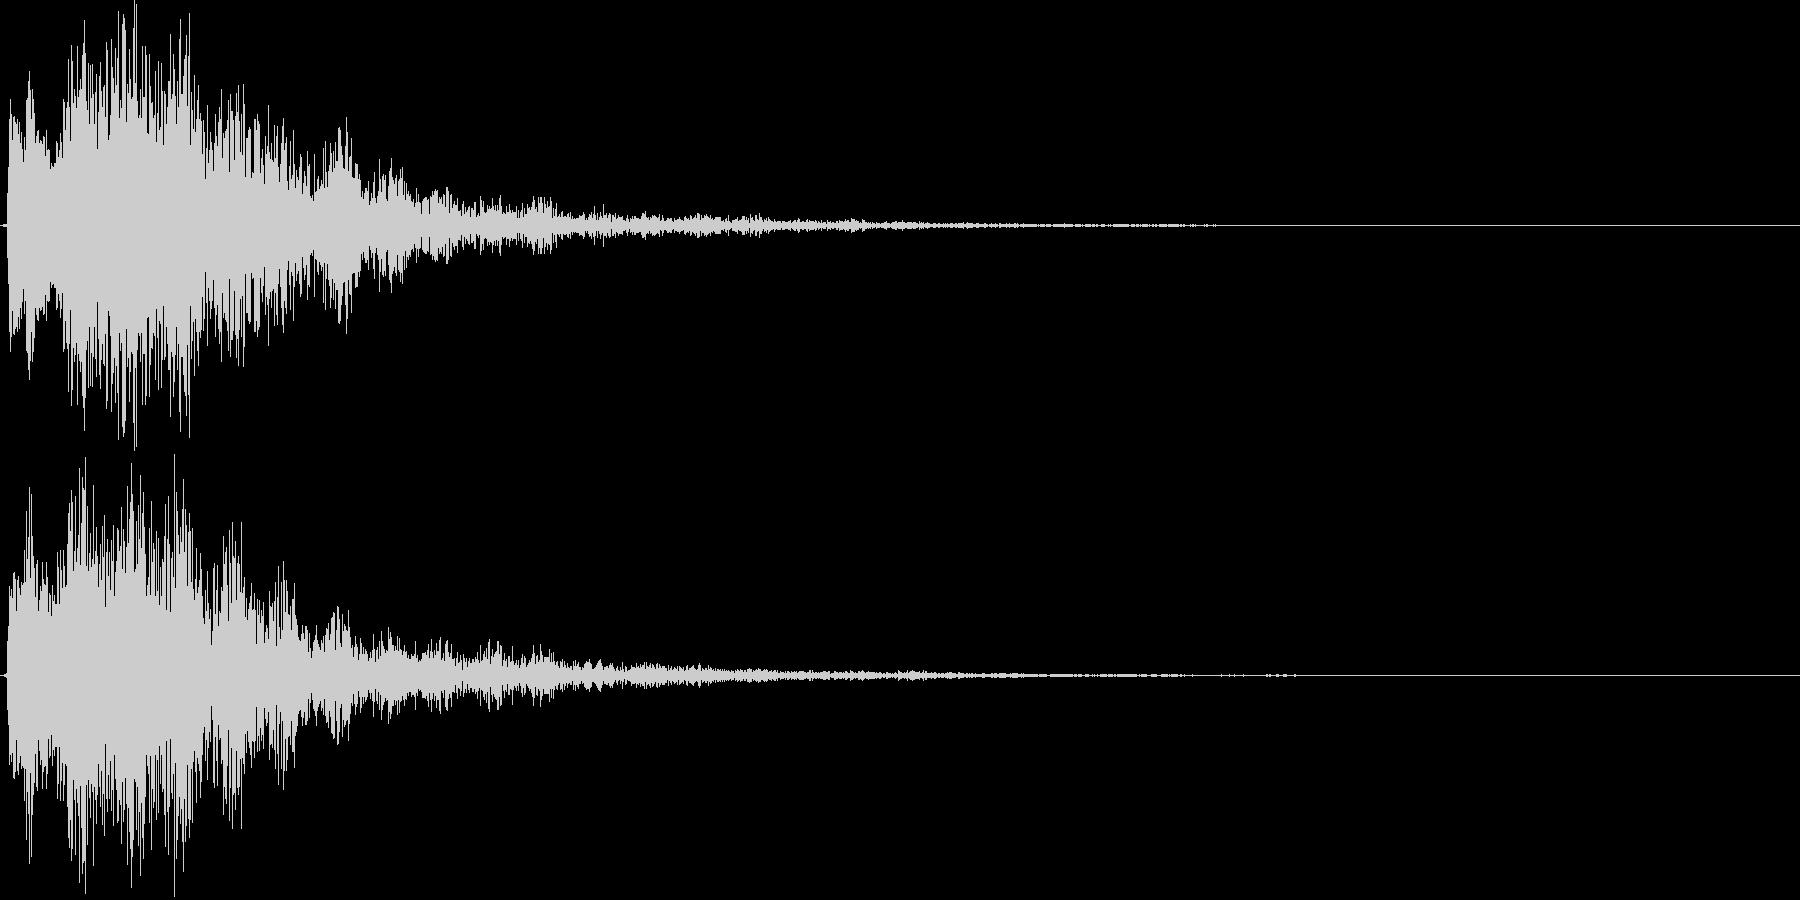 サウンドロゴ(煌びやか、残響)の未再生の波形